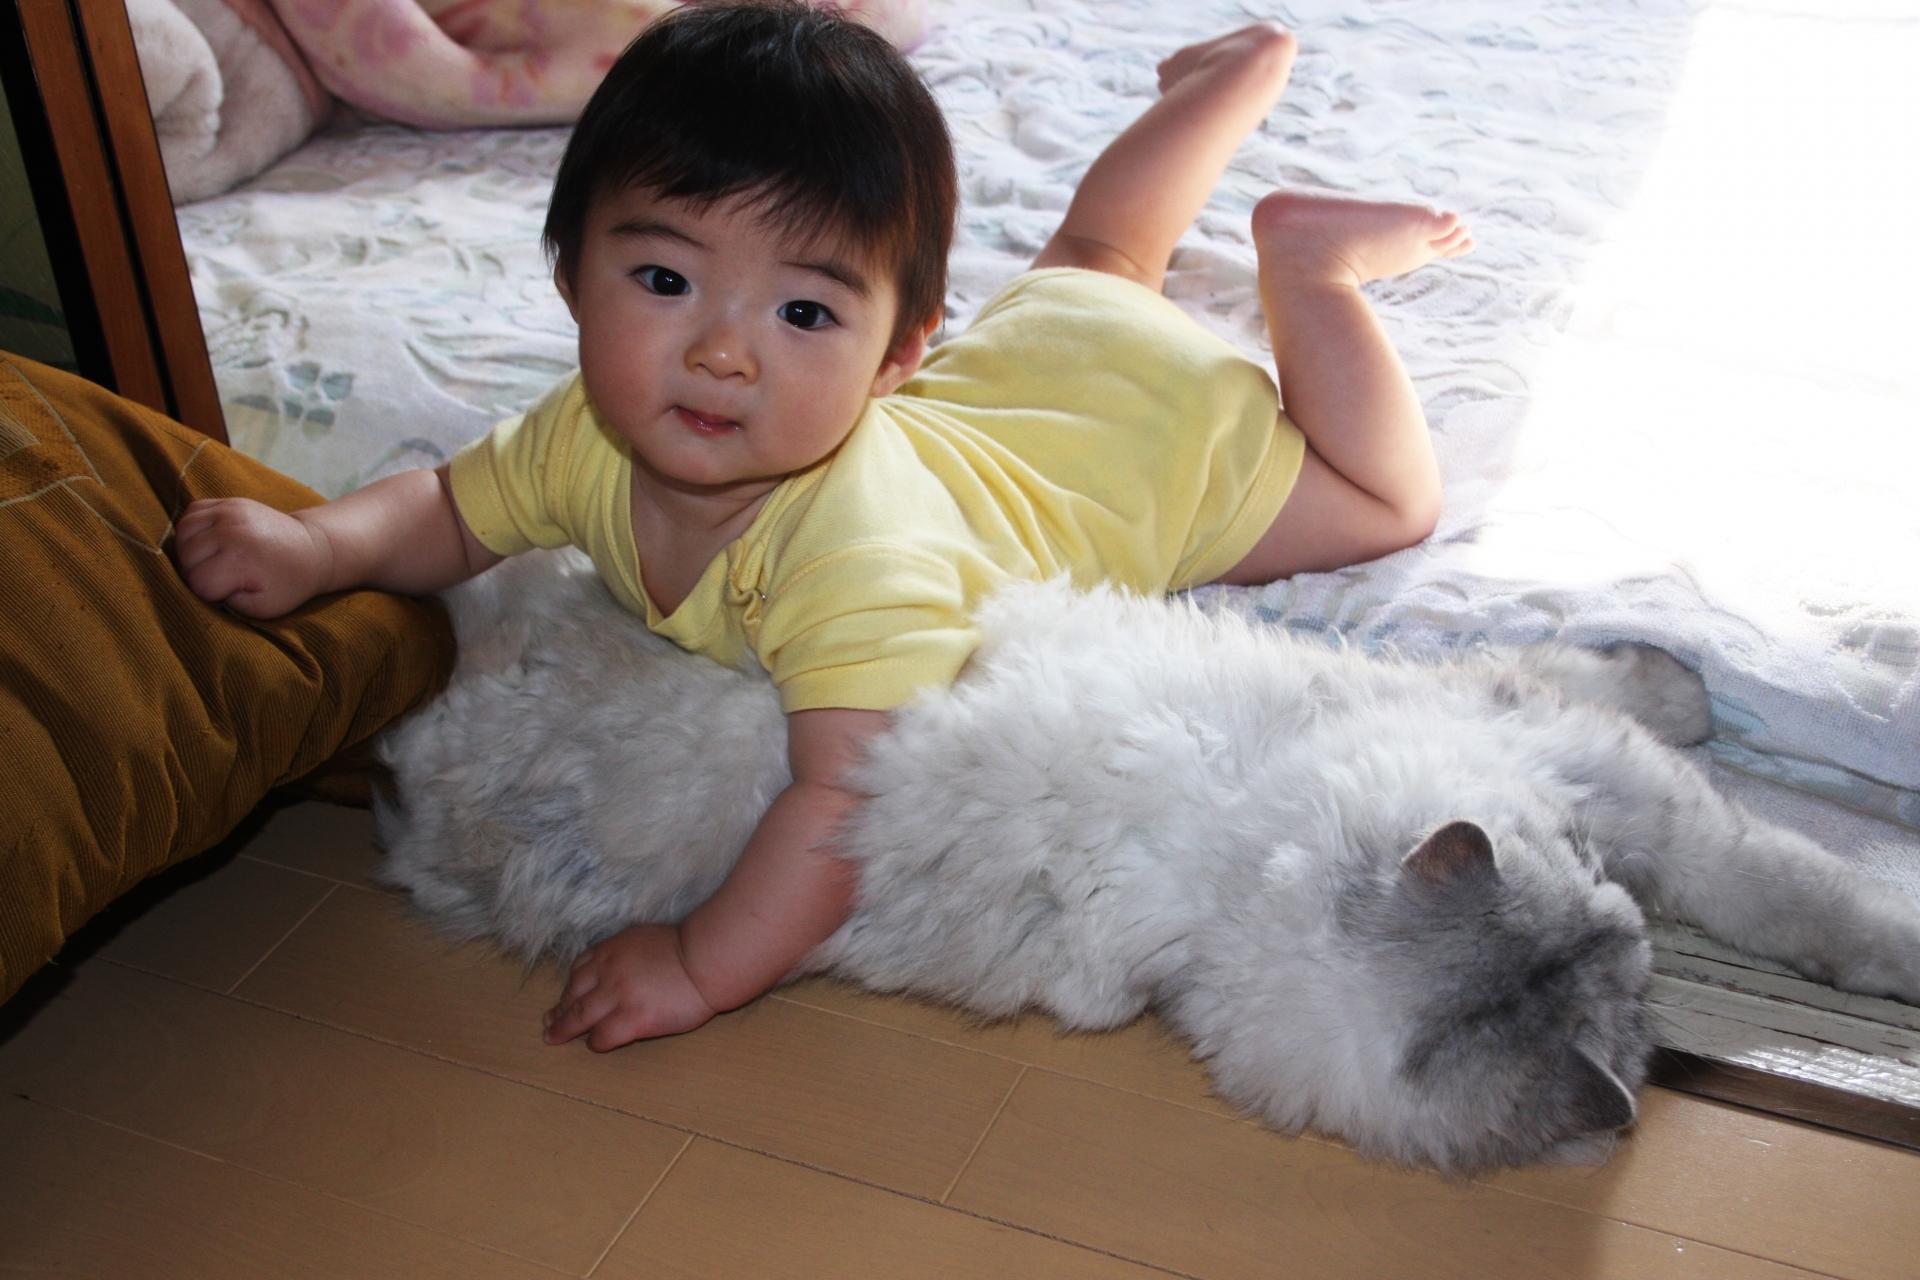 猫と人間の赤ちゃんが幸せに暮らすために知っておきたい注意点